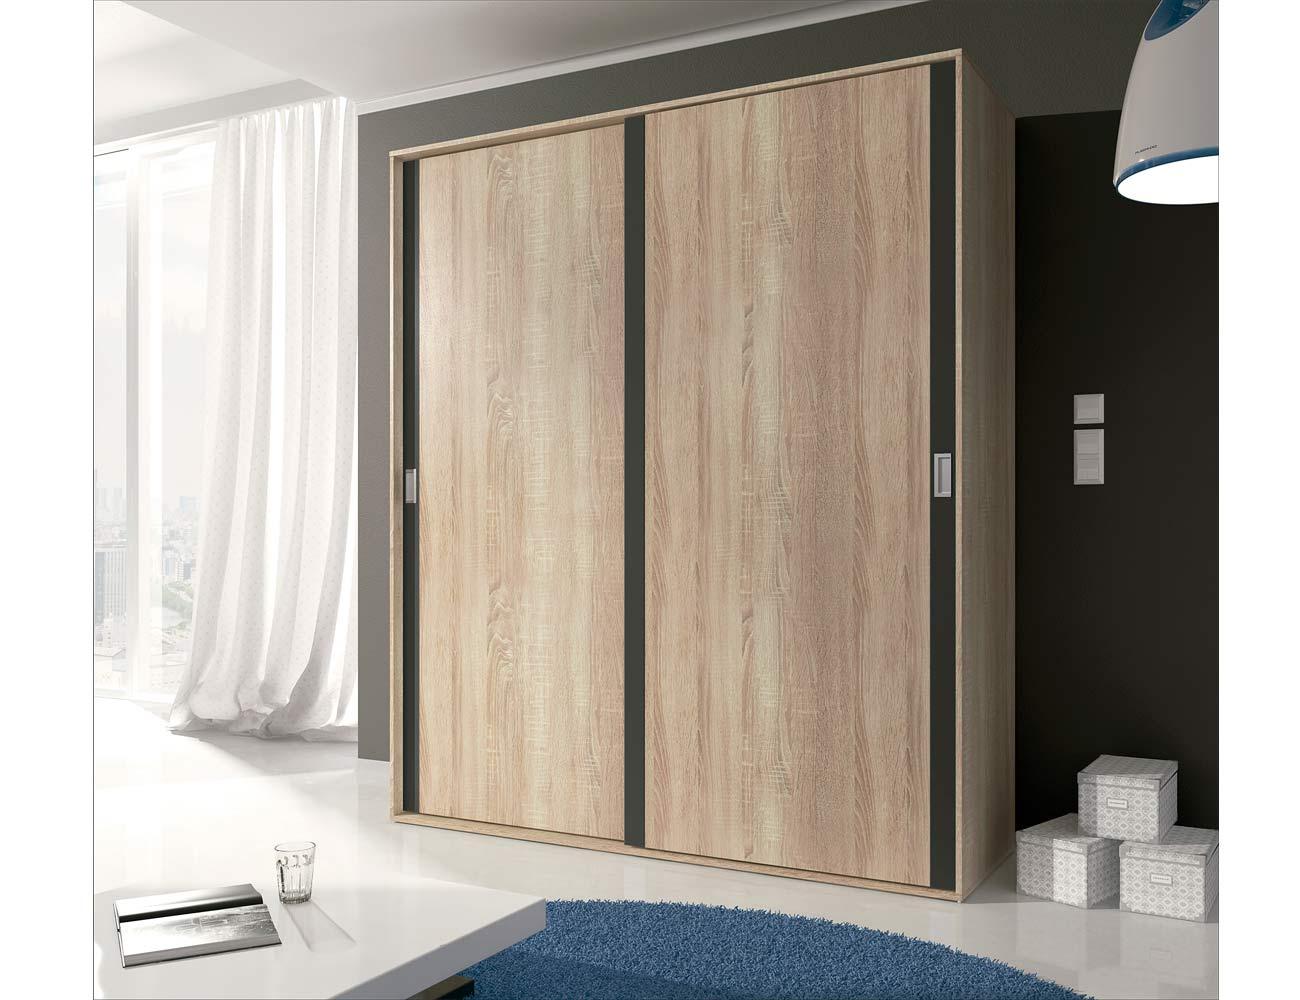 13 armario 2 puertas correderas cambrian grafito3